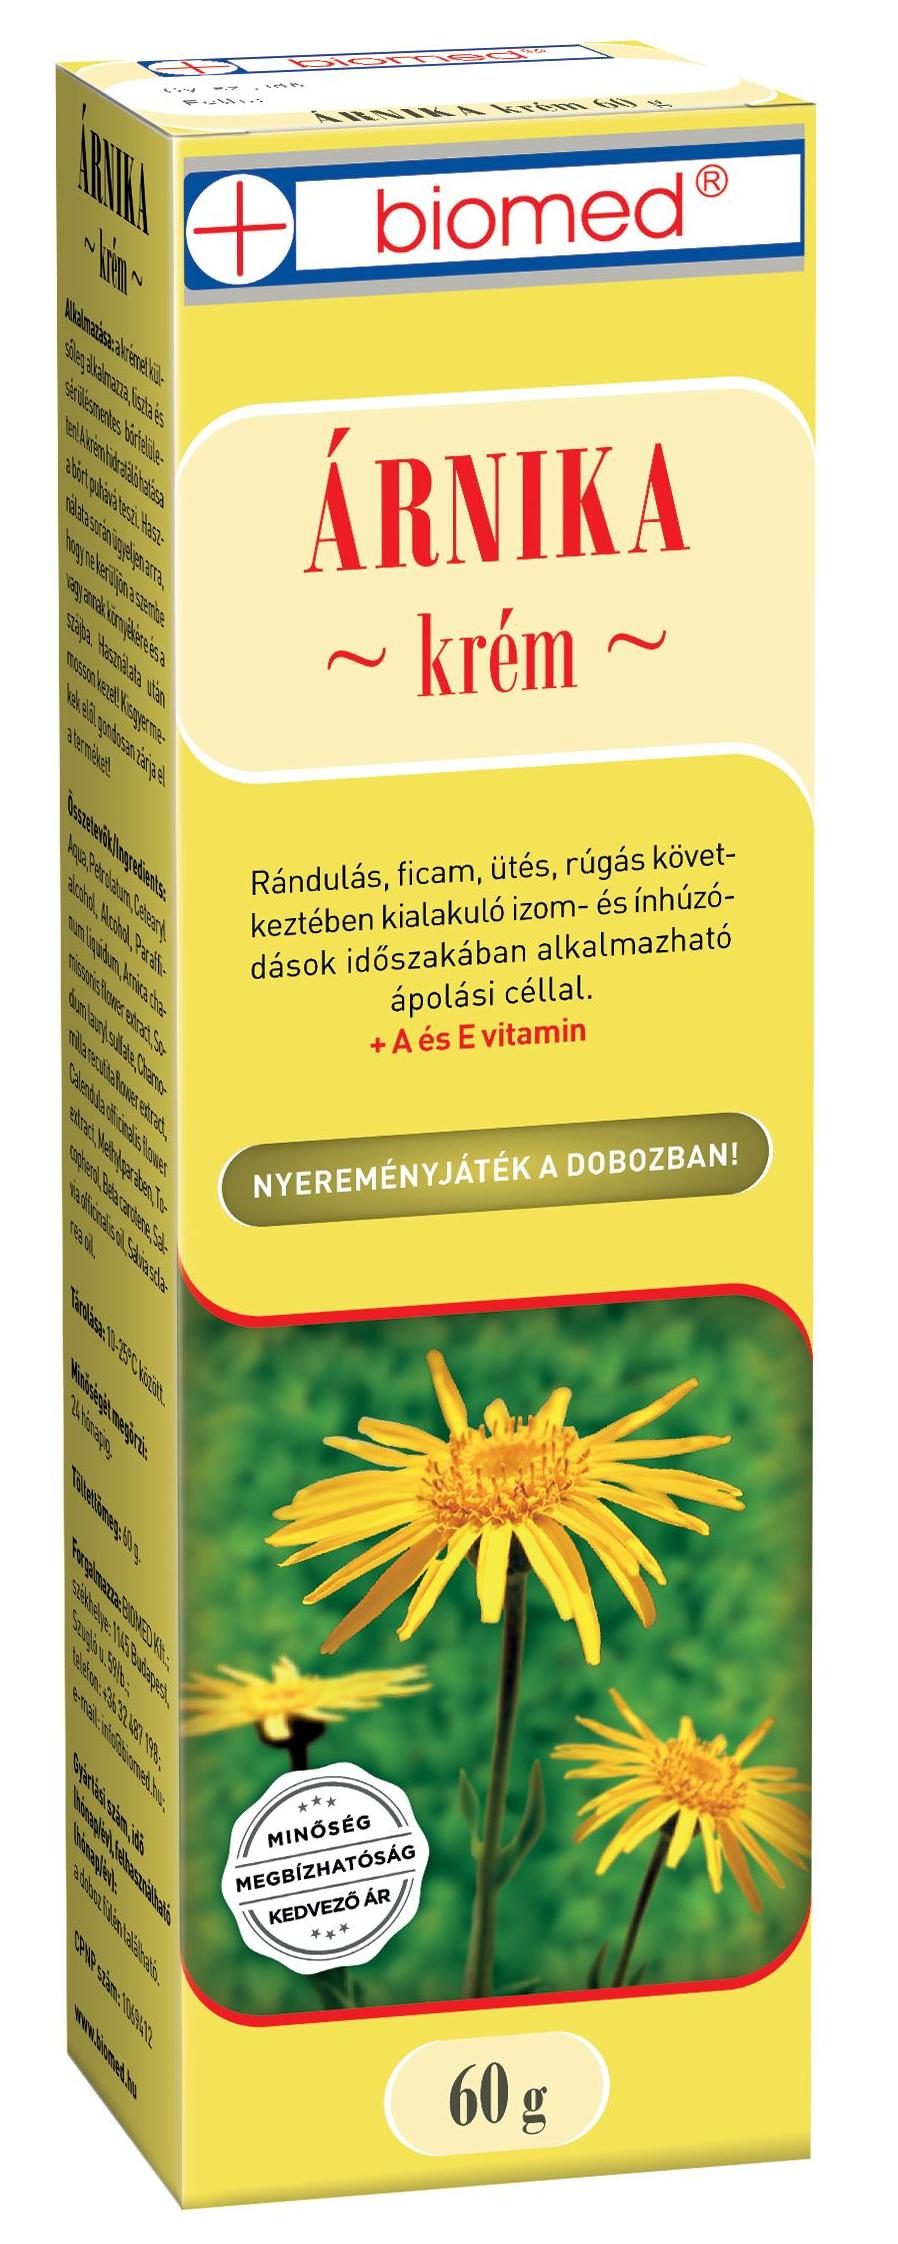 krém balzsam arnica ízületek artroplasztikájához)